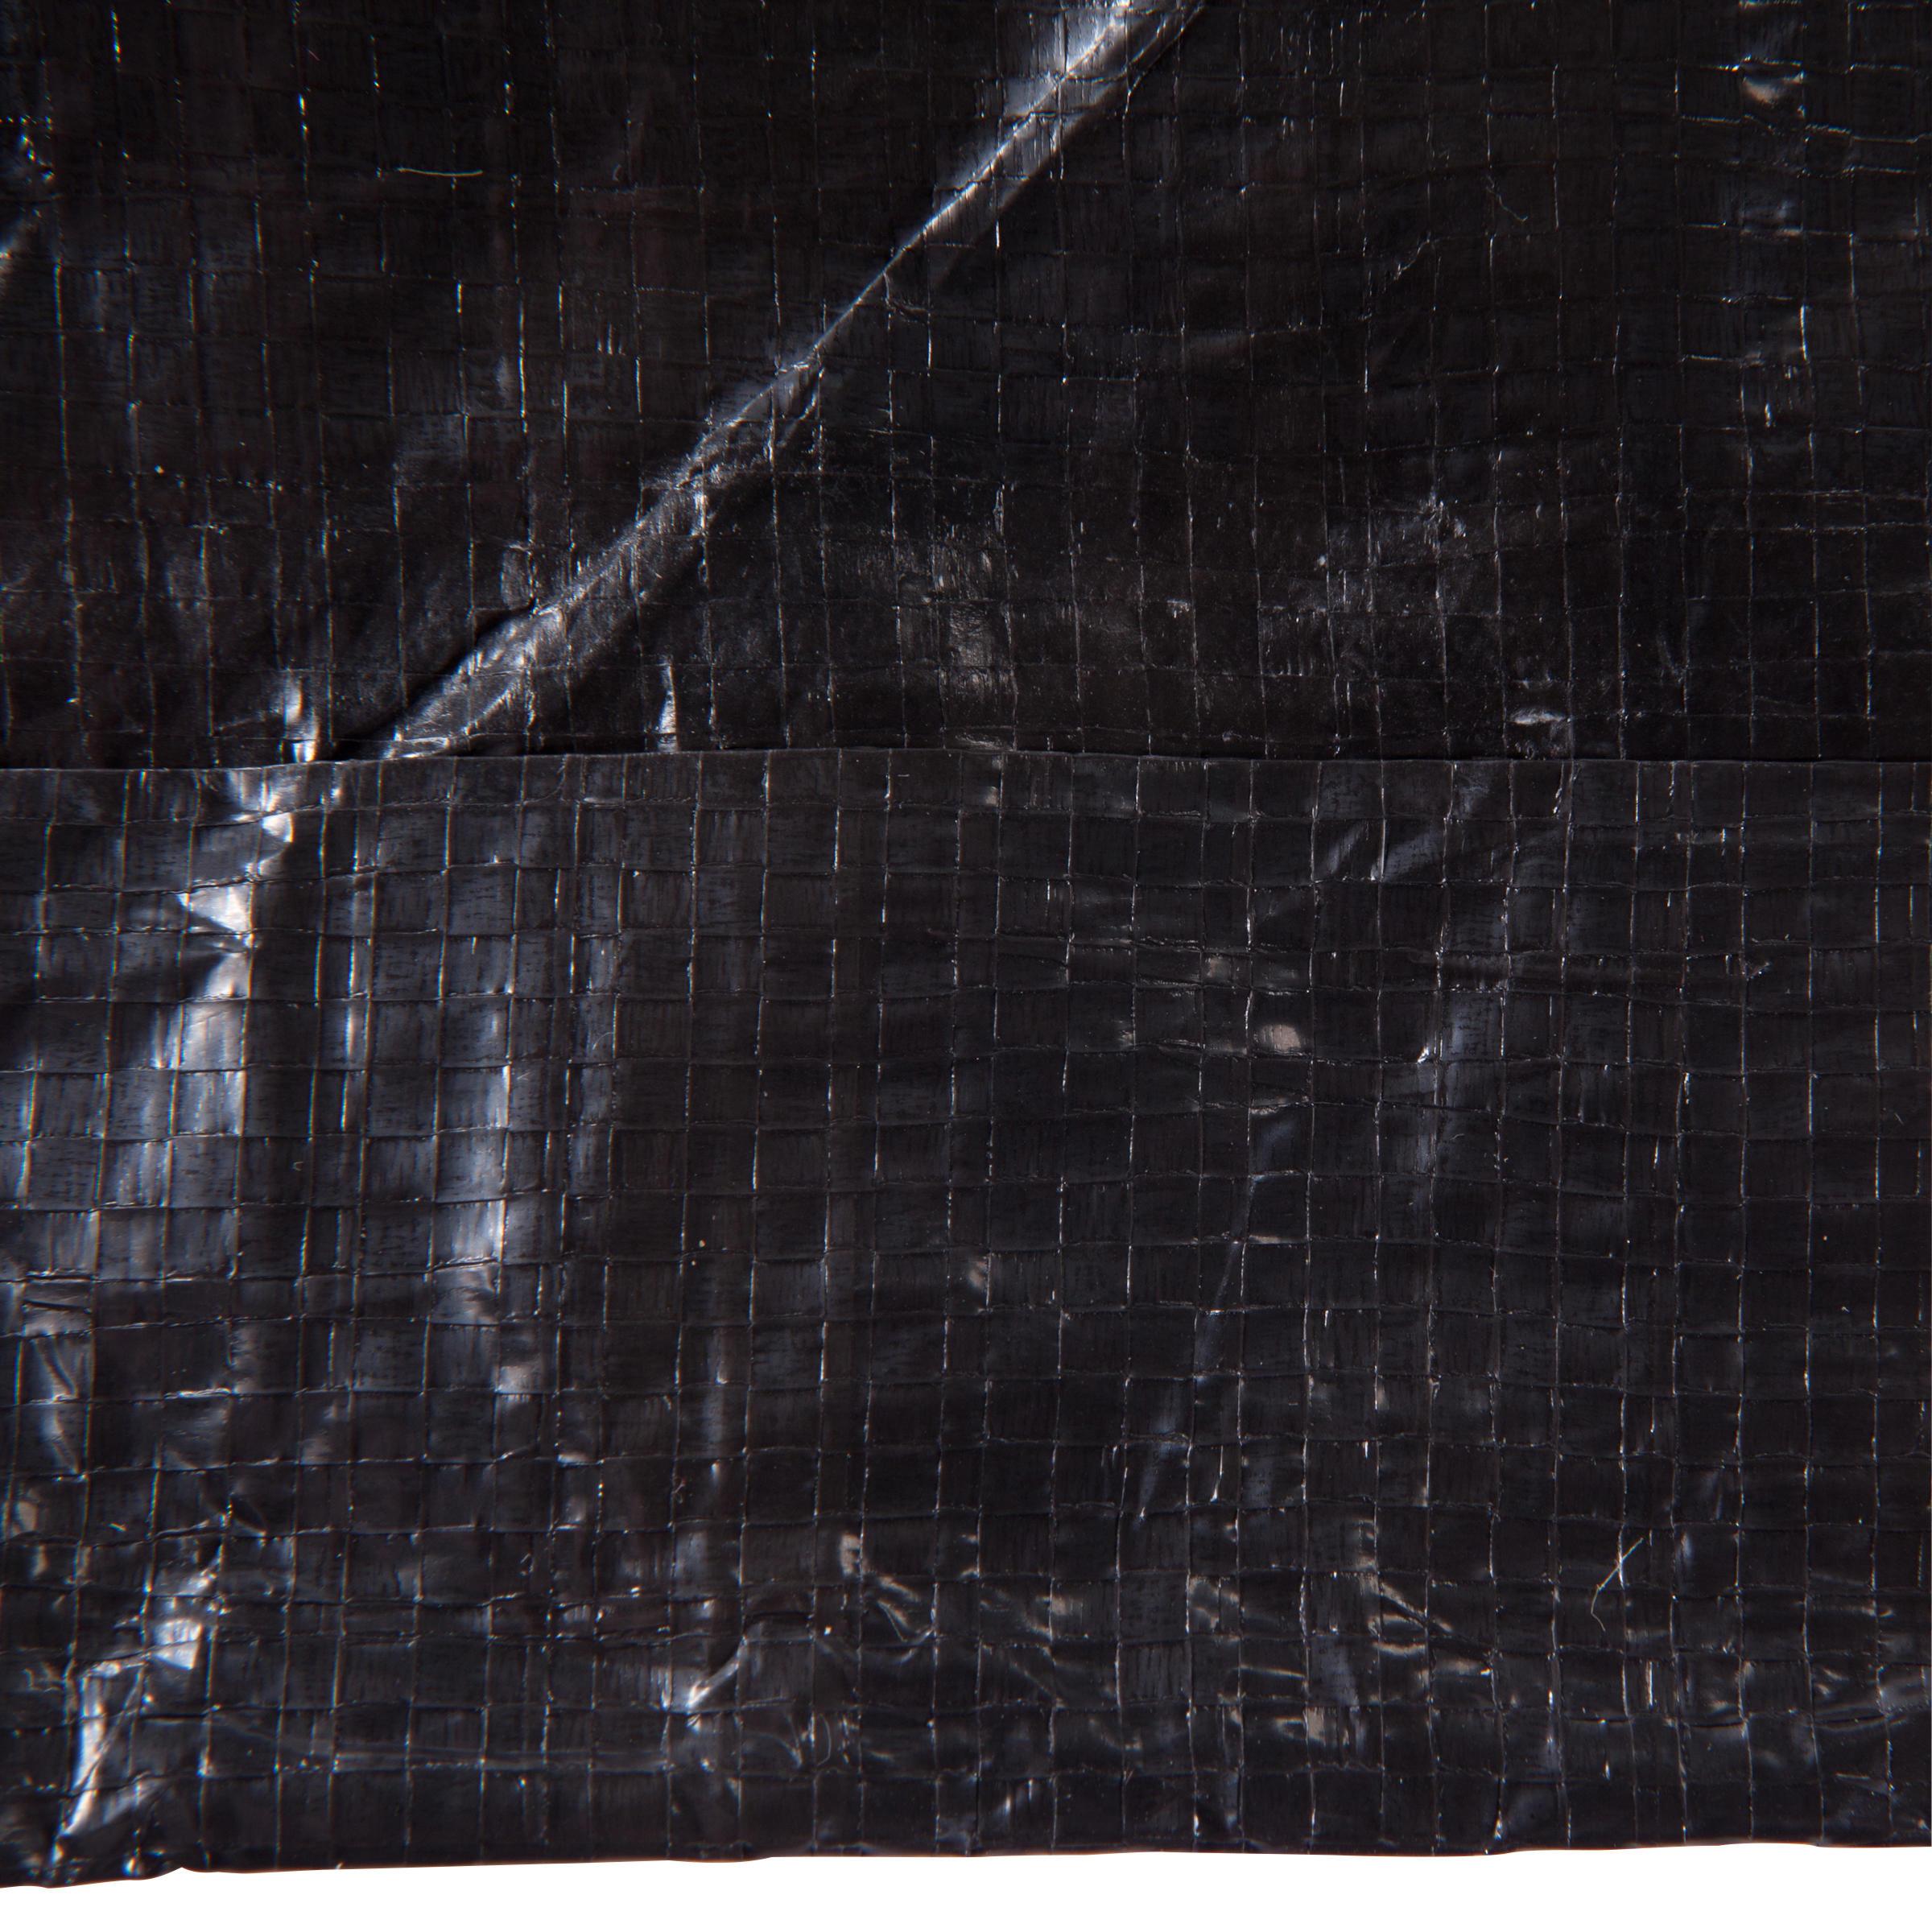 Tapis de sol 9'11_QUOTE_ x 13'1_QUOTE_